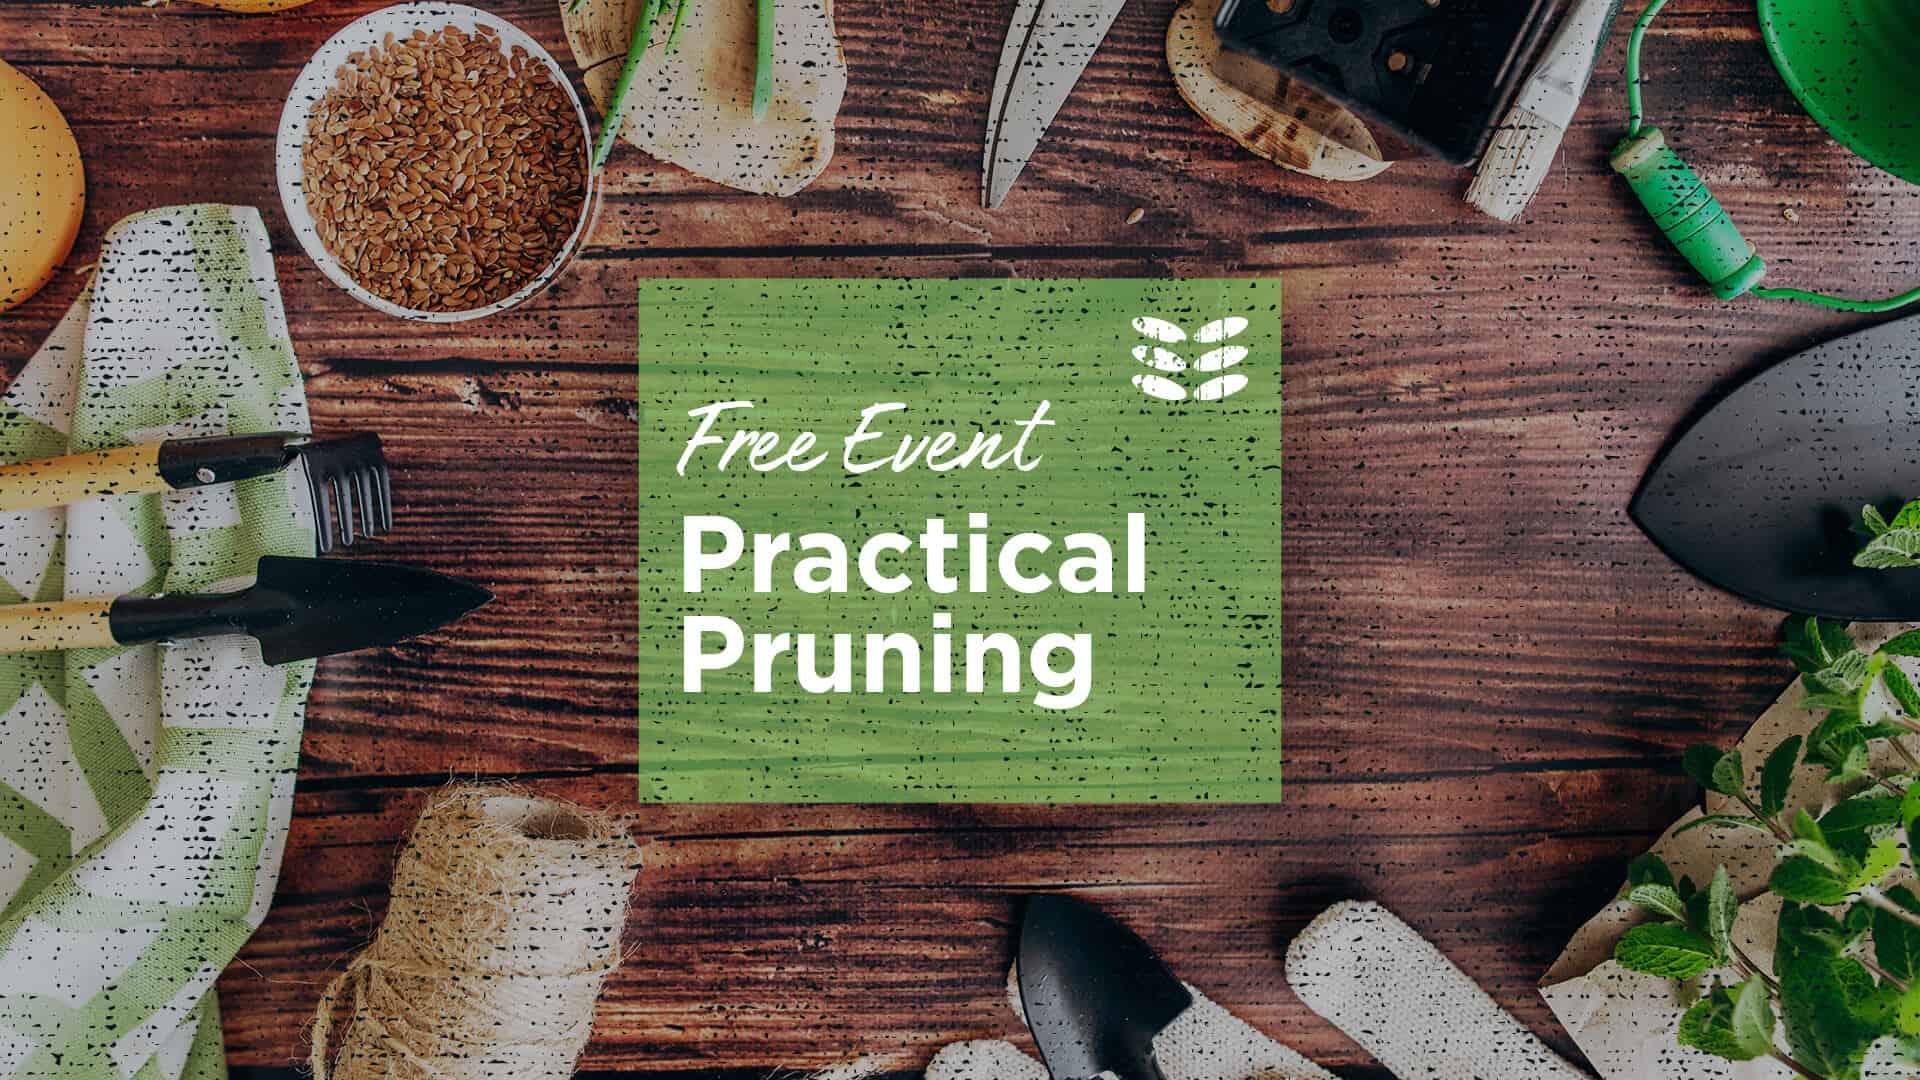 Practical Pruning Nov 7th